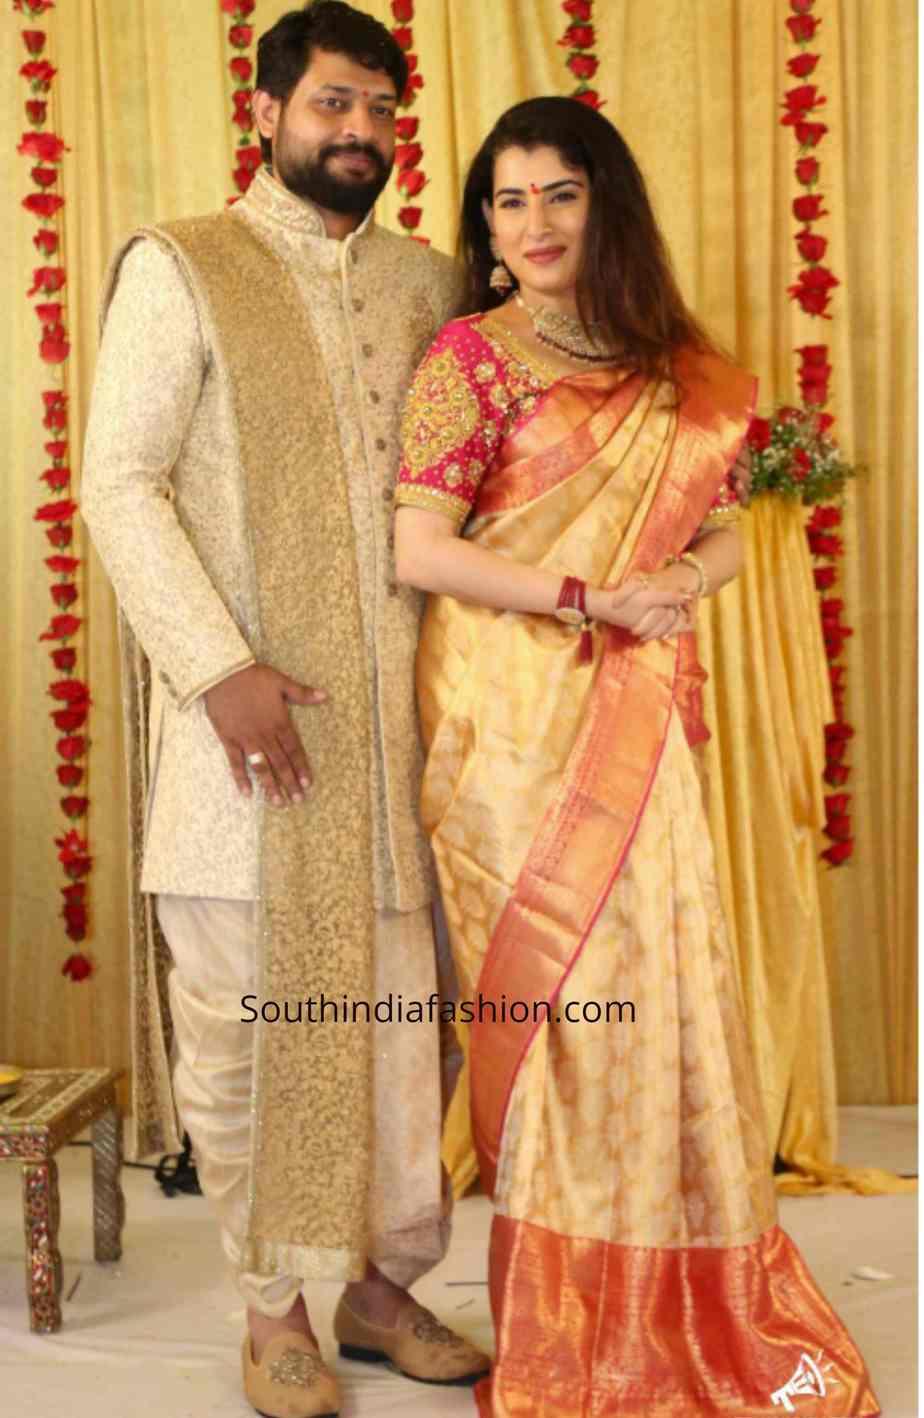 bigg boss archana jagadeesh engagement photos (4)